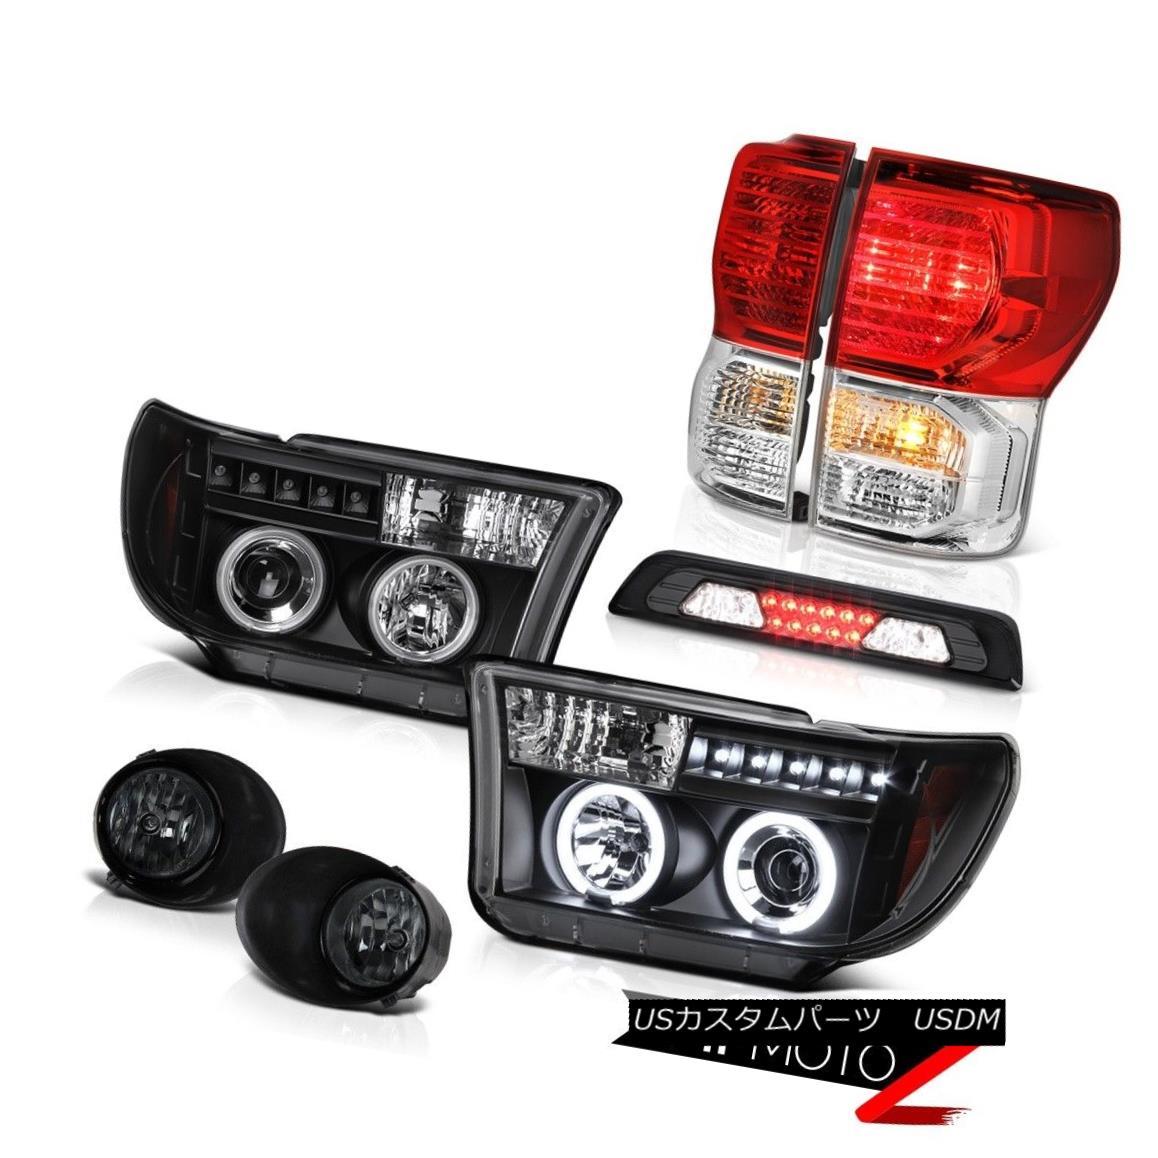 テールライト 07-13 Toyota Tundra SR5 Fog Lights 3RD Brake Light Rear Headlamps LED Brightest 07-13トヨタトンドラSR5フォグライト3RDブレーキライトリアヘッドランプLEDブライト